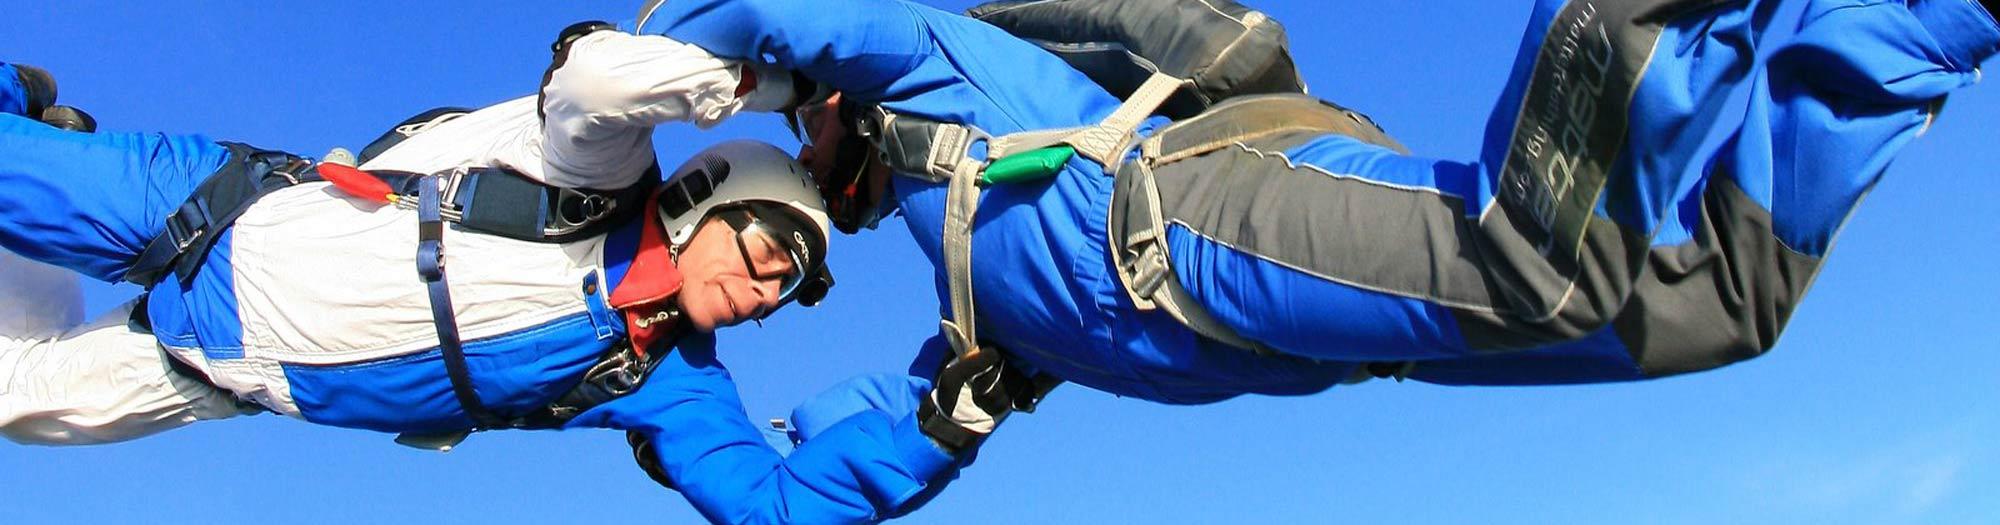 Kontakt beim Fallschirmspringen